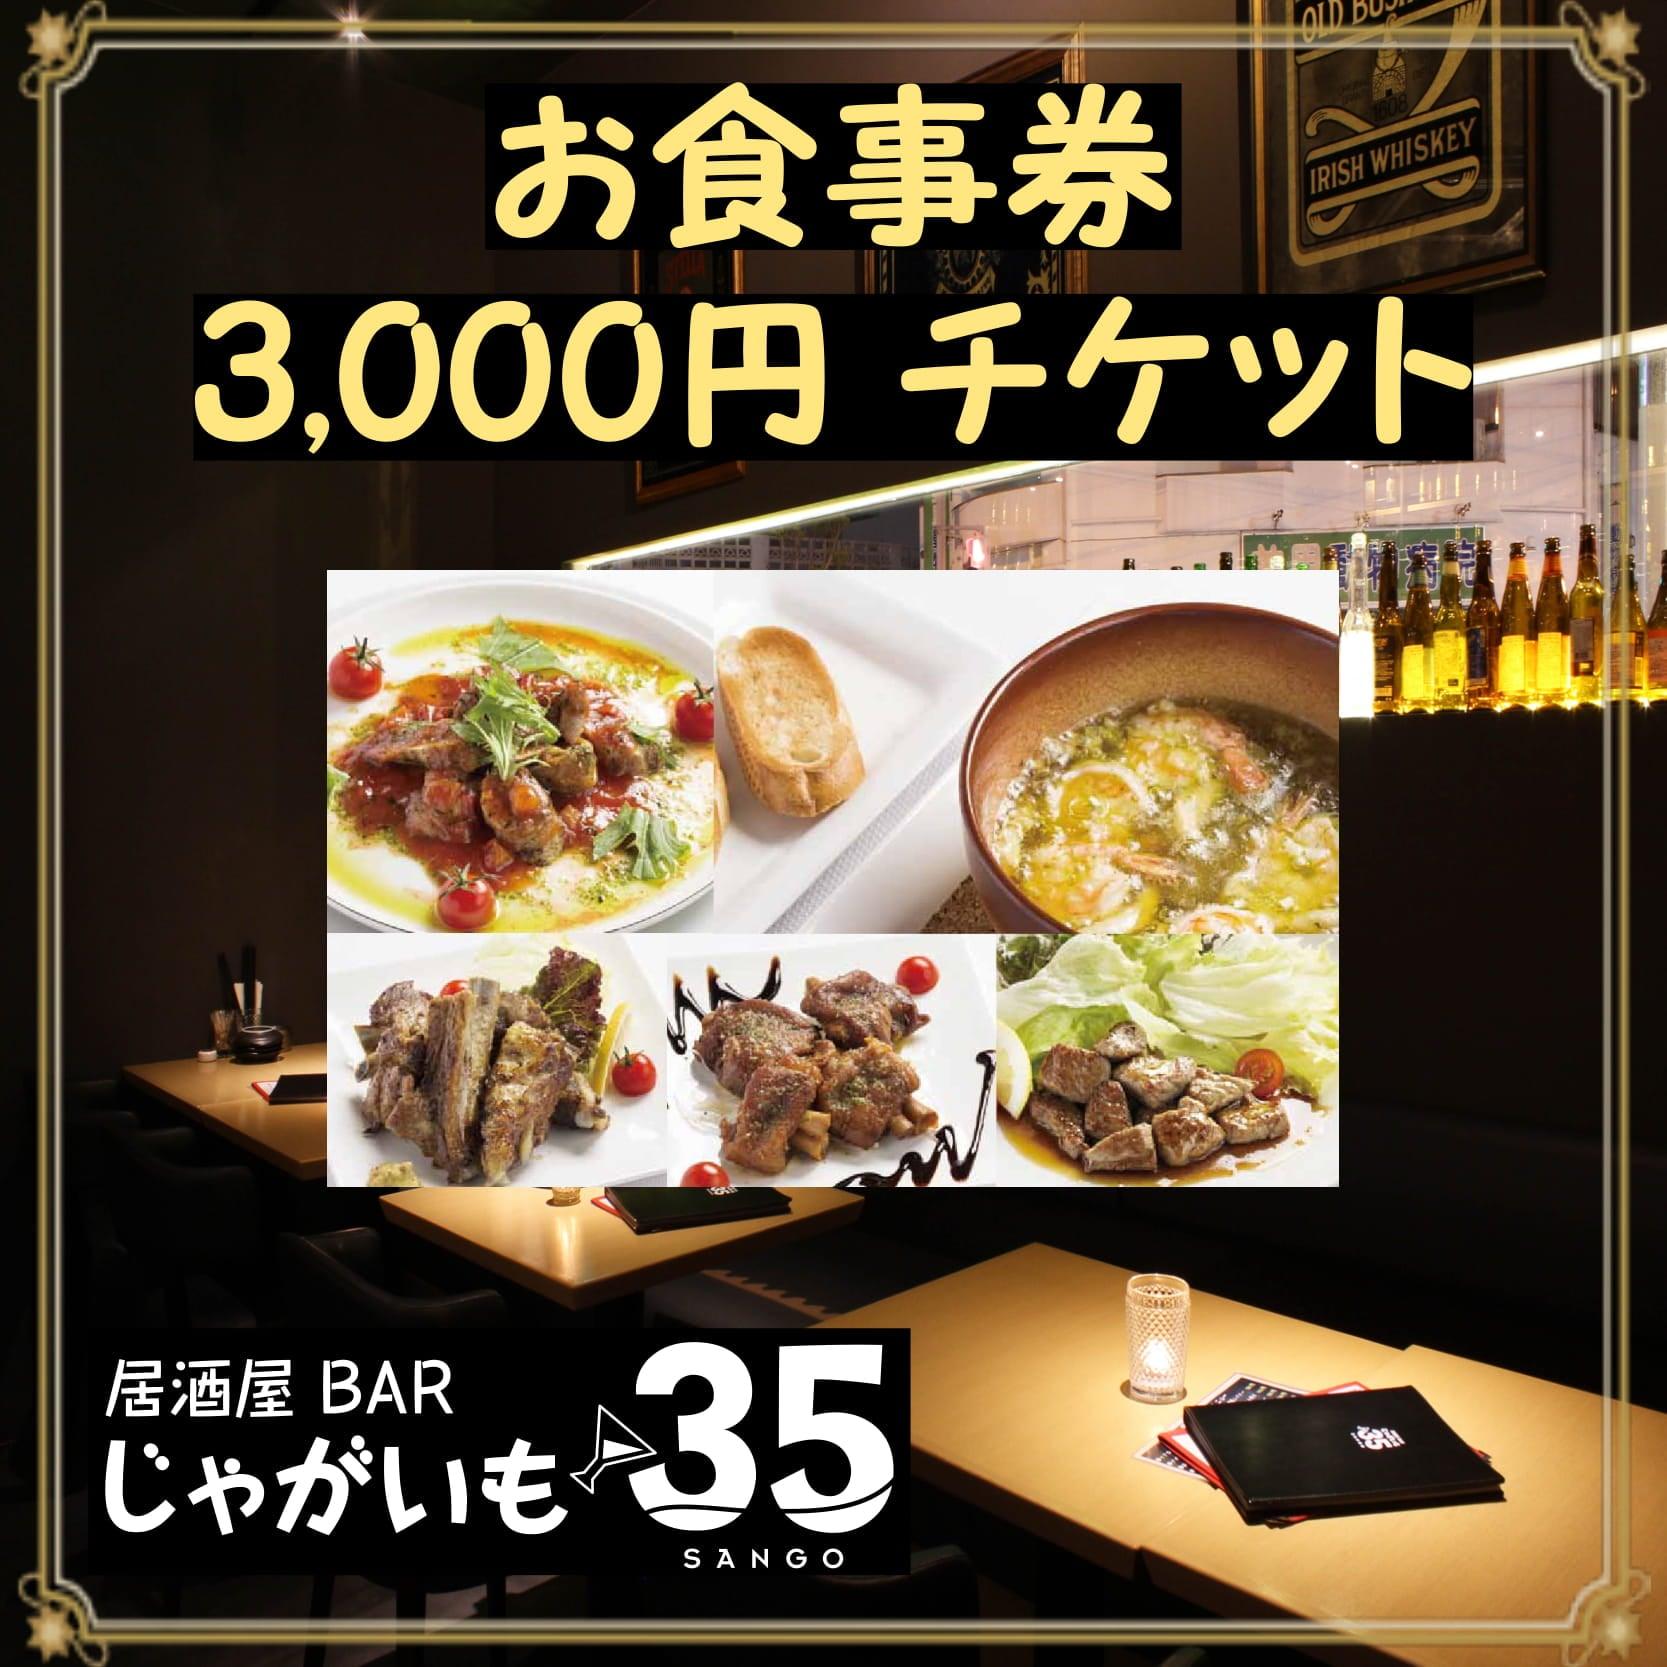 【現地払い専用】お食事券3,000円のイメージその1